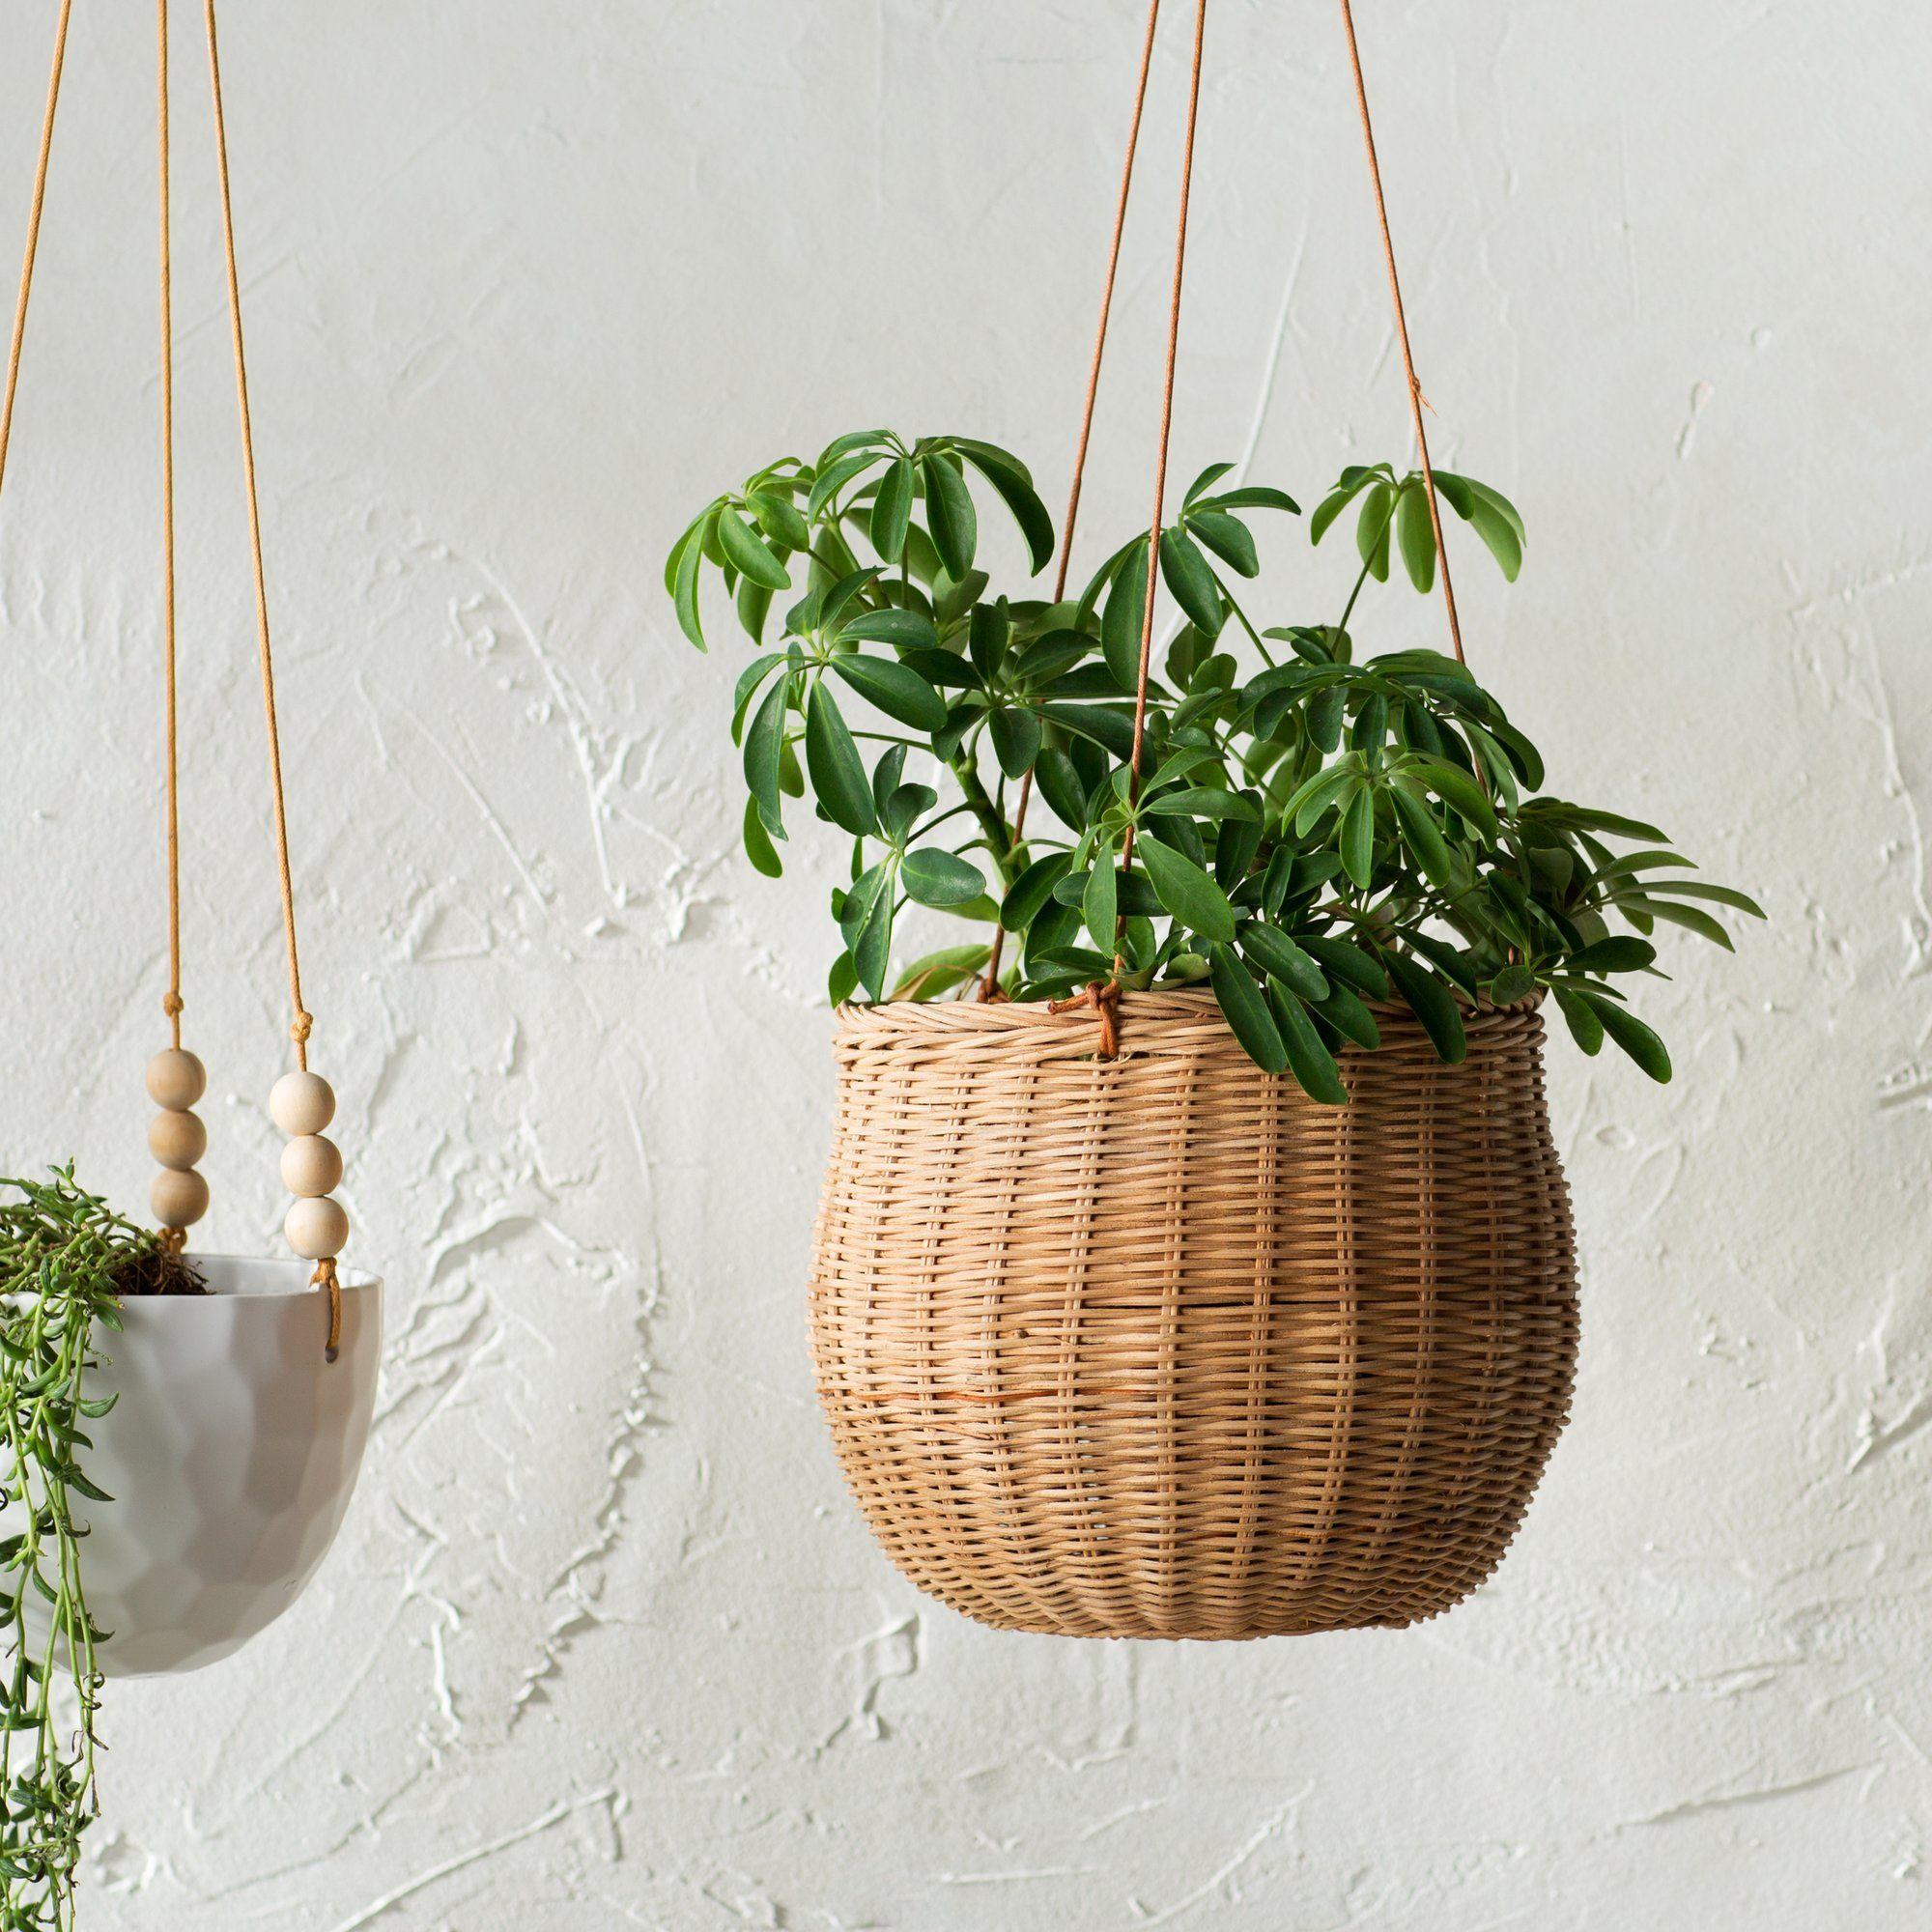 Milano Rattan Hanging Planter Canasto De Mimbre Jardineras Colgantes Plantas Colgantes